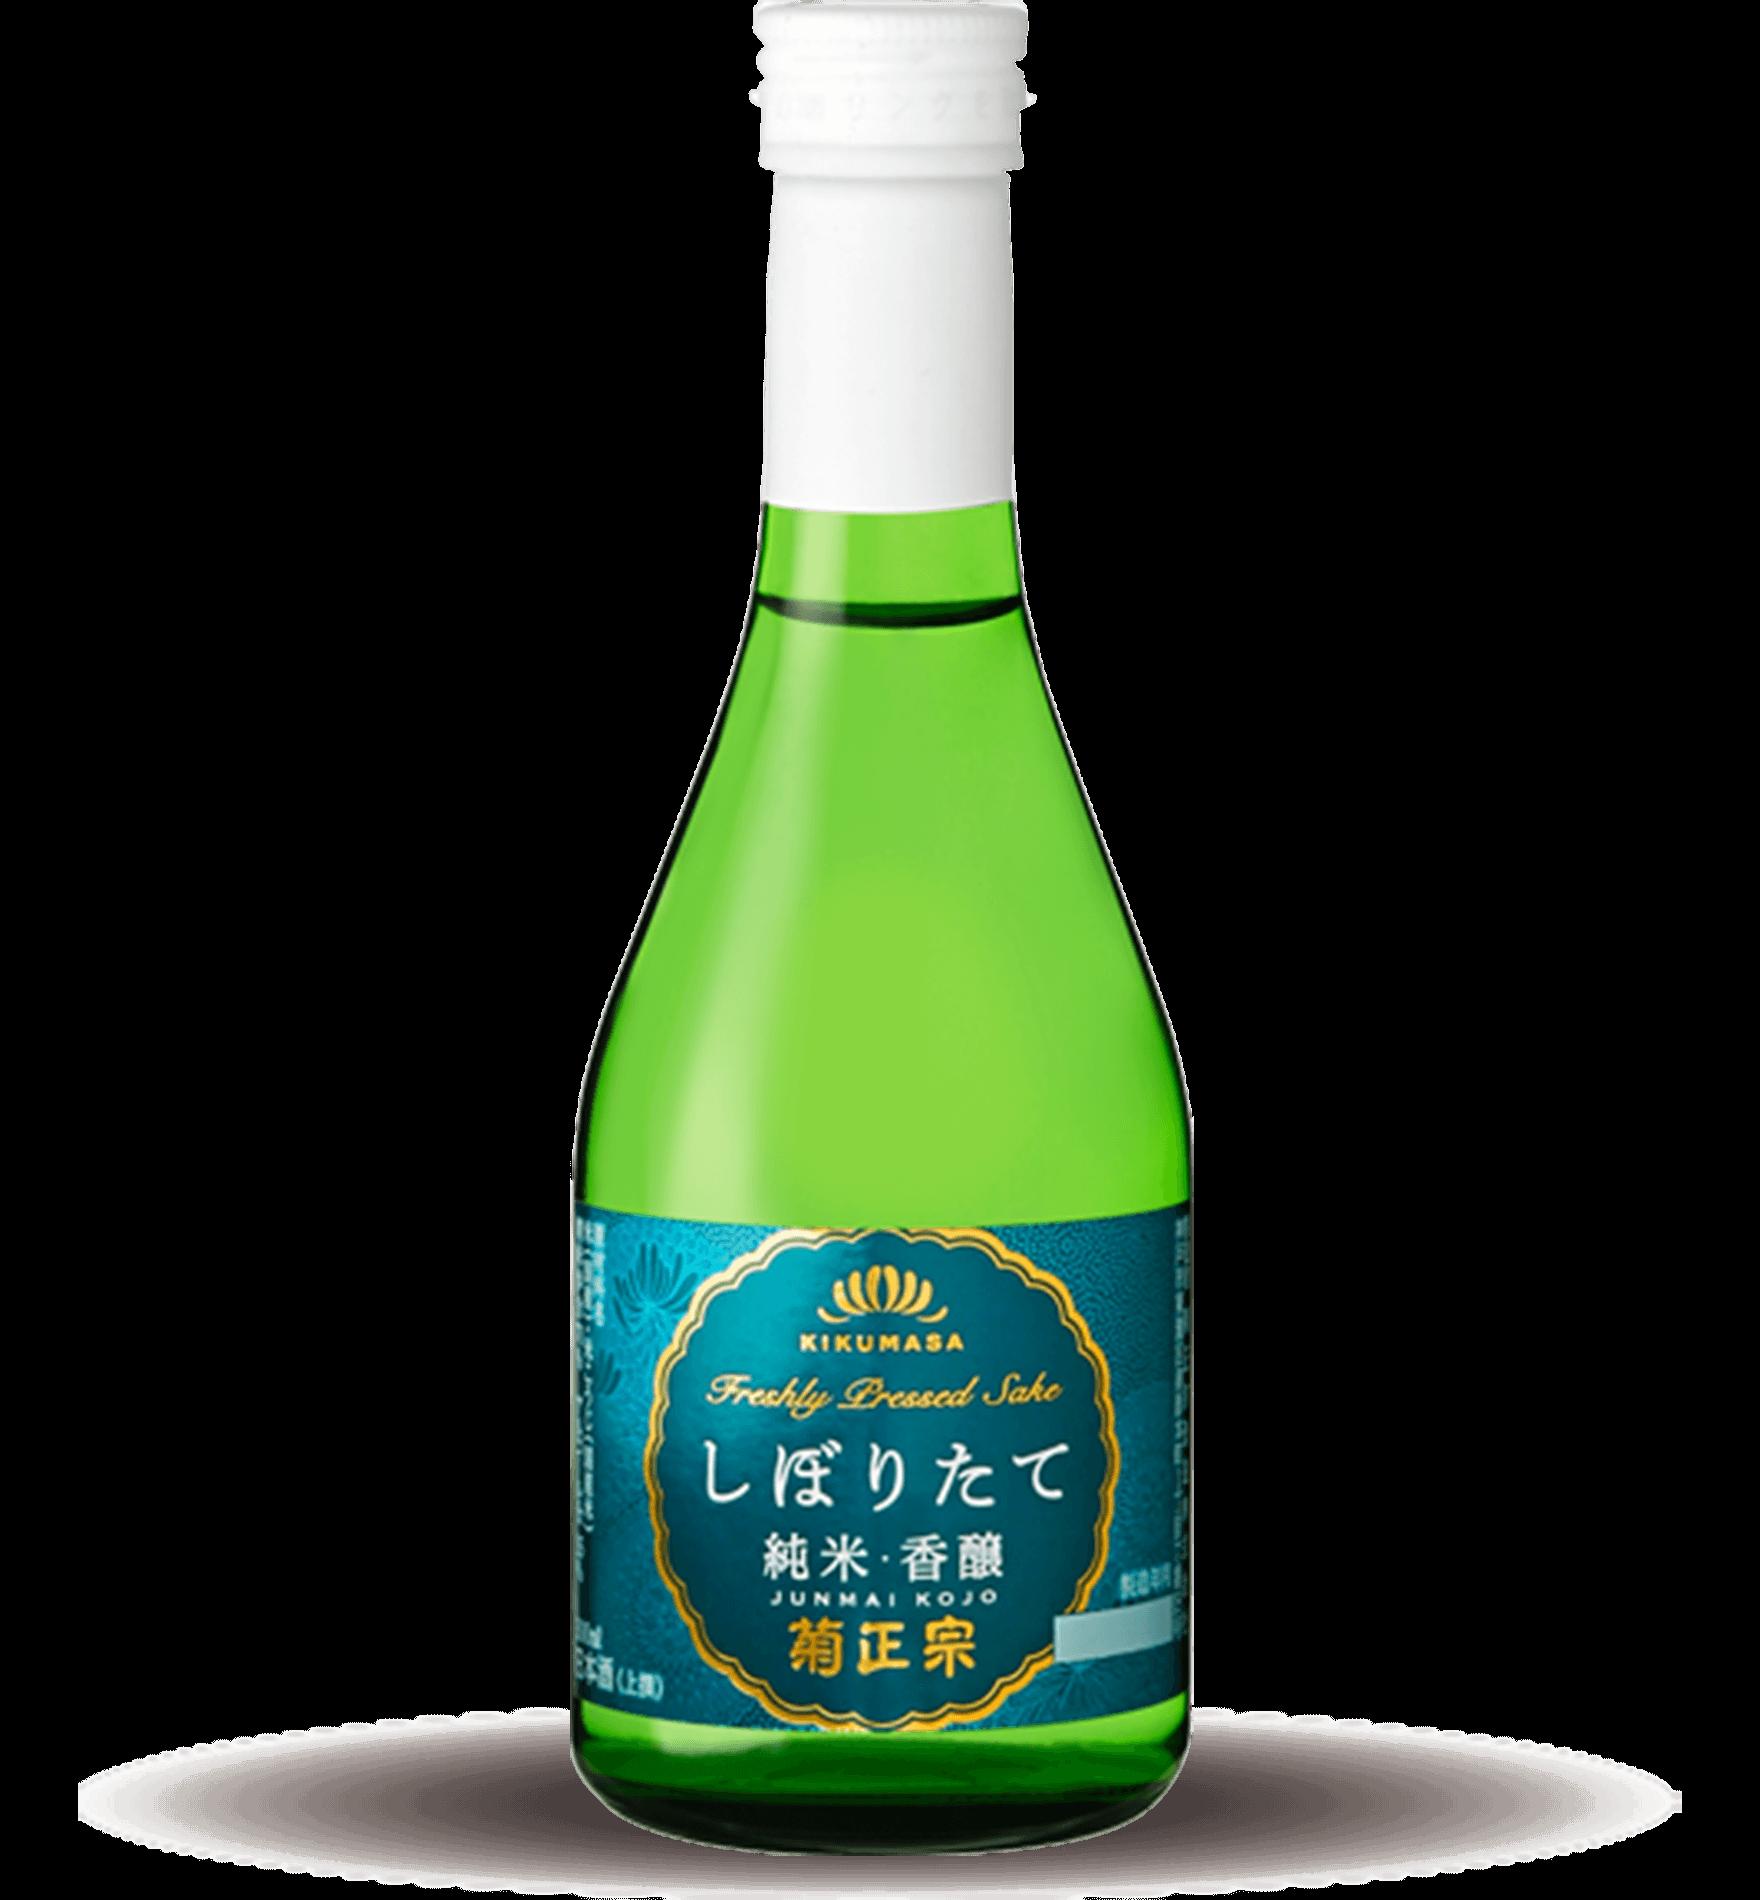 しぼりたて純米・香醸 300ml